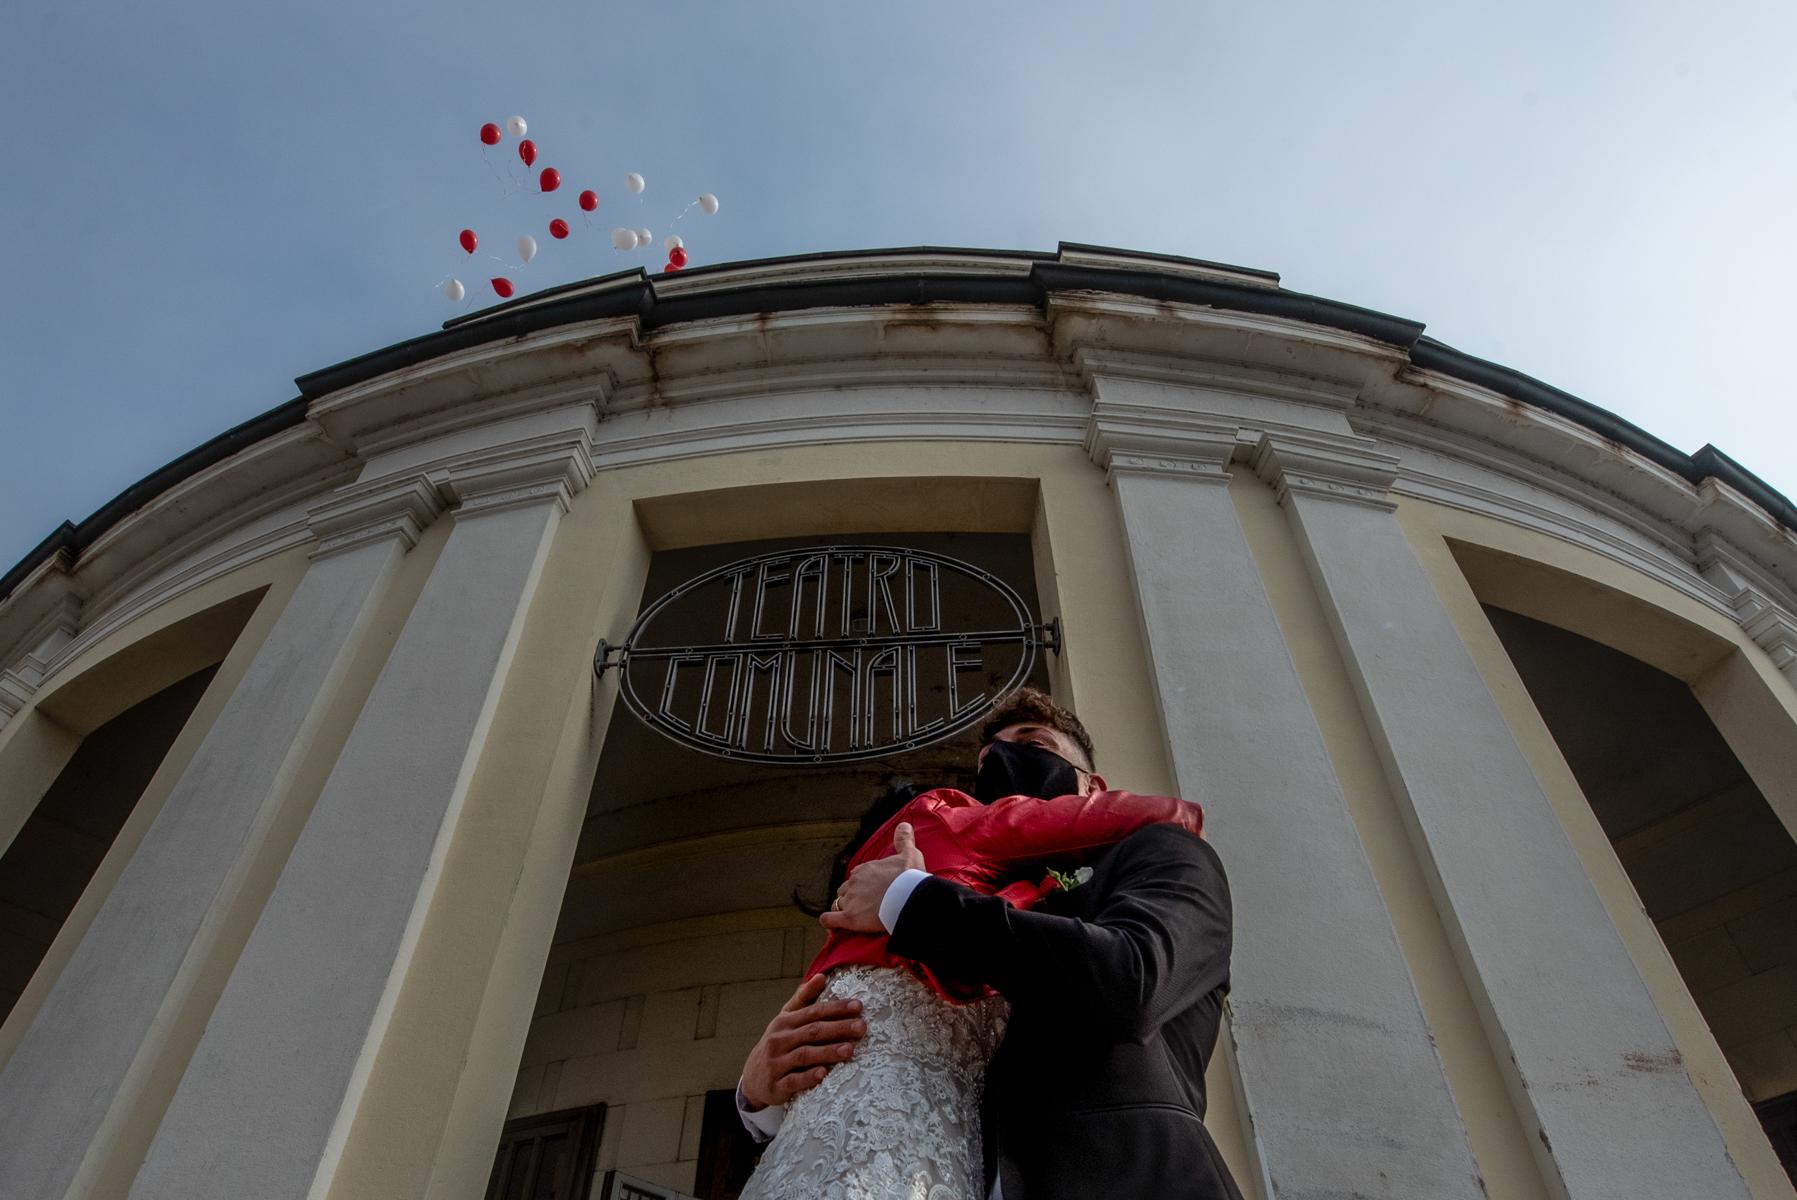 Mantova Hochzeiten, Italien Bild | Die Zeremonie endete und es war nicht möglich, Reis zu werfen